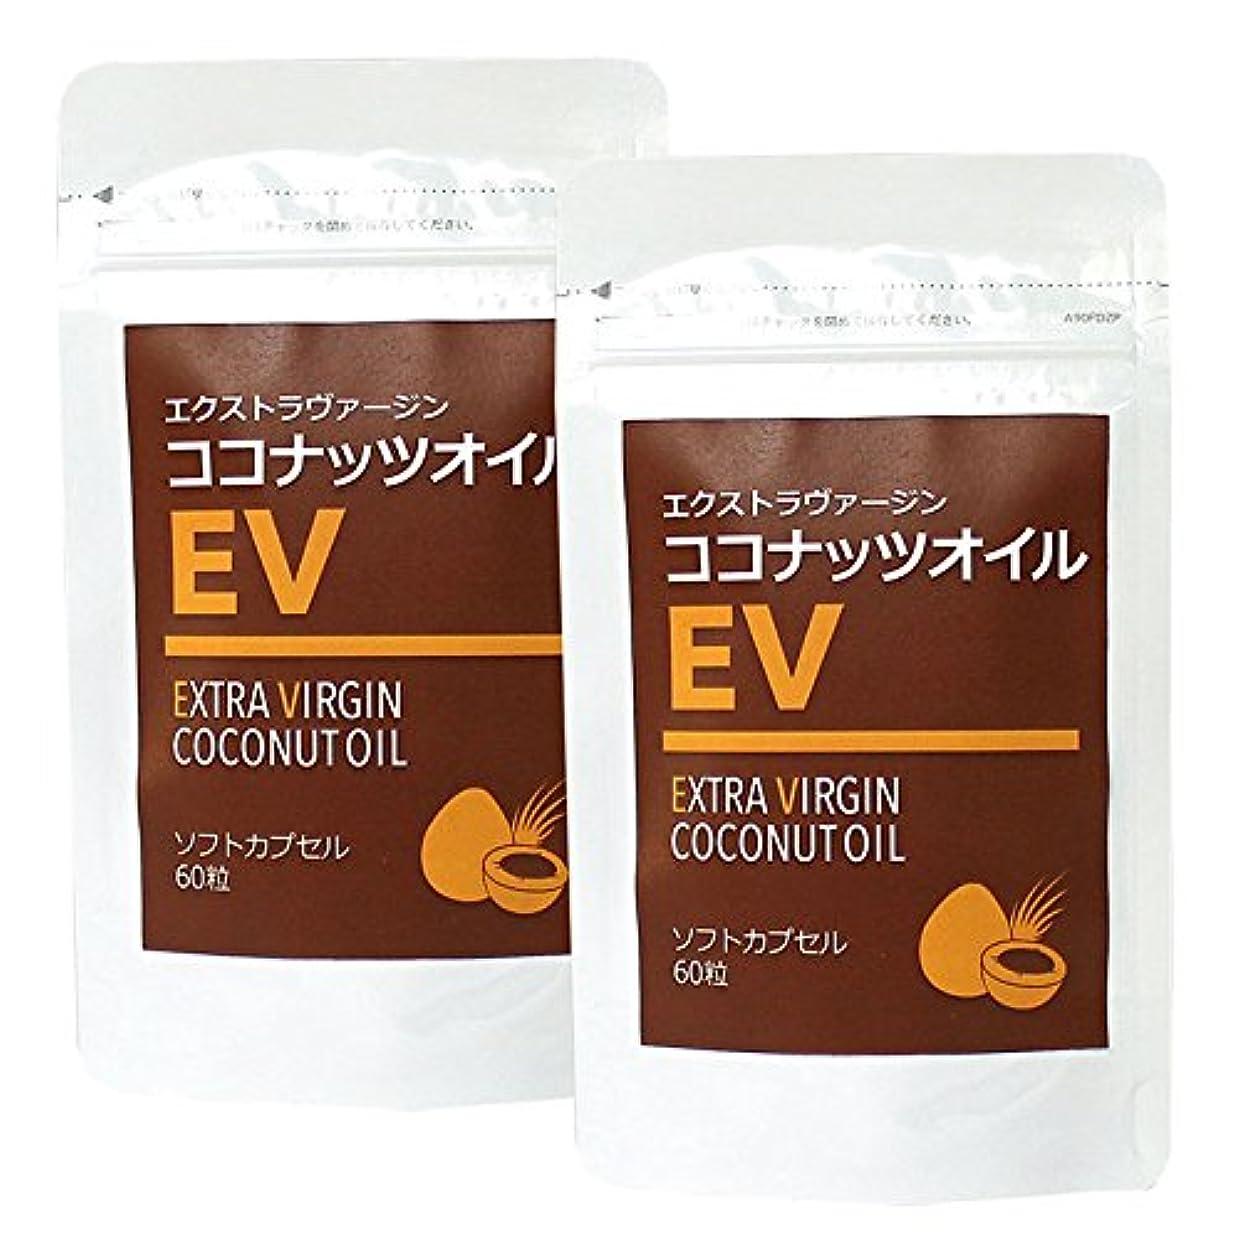 アスペクト課税を通してココナッツオイルEV 2袋セット